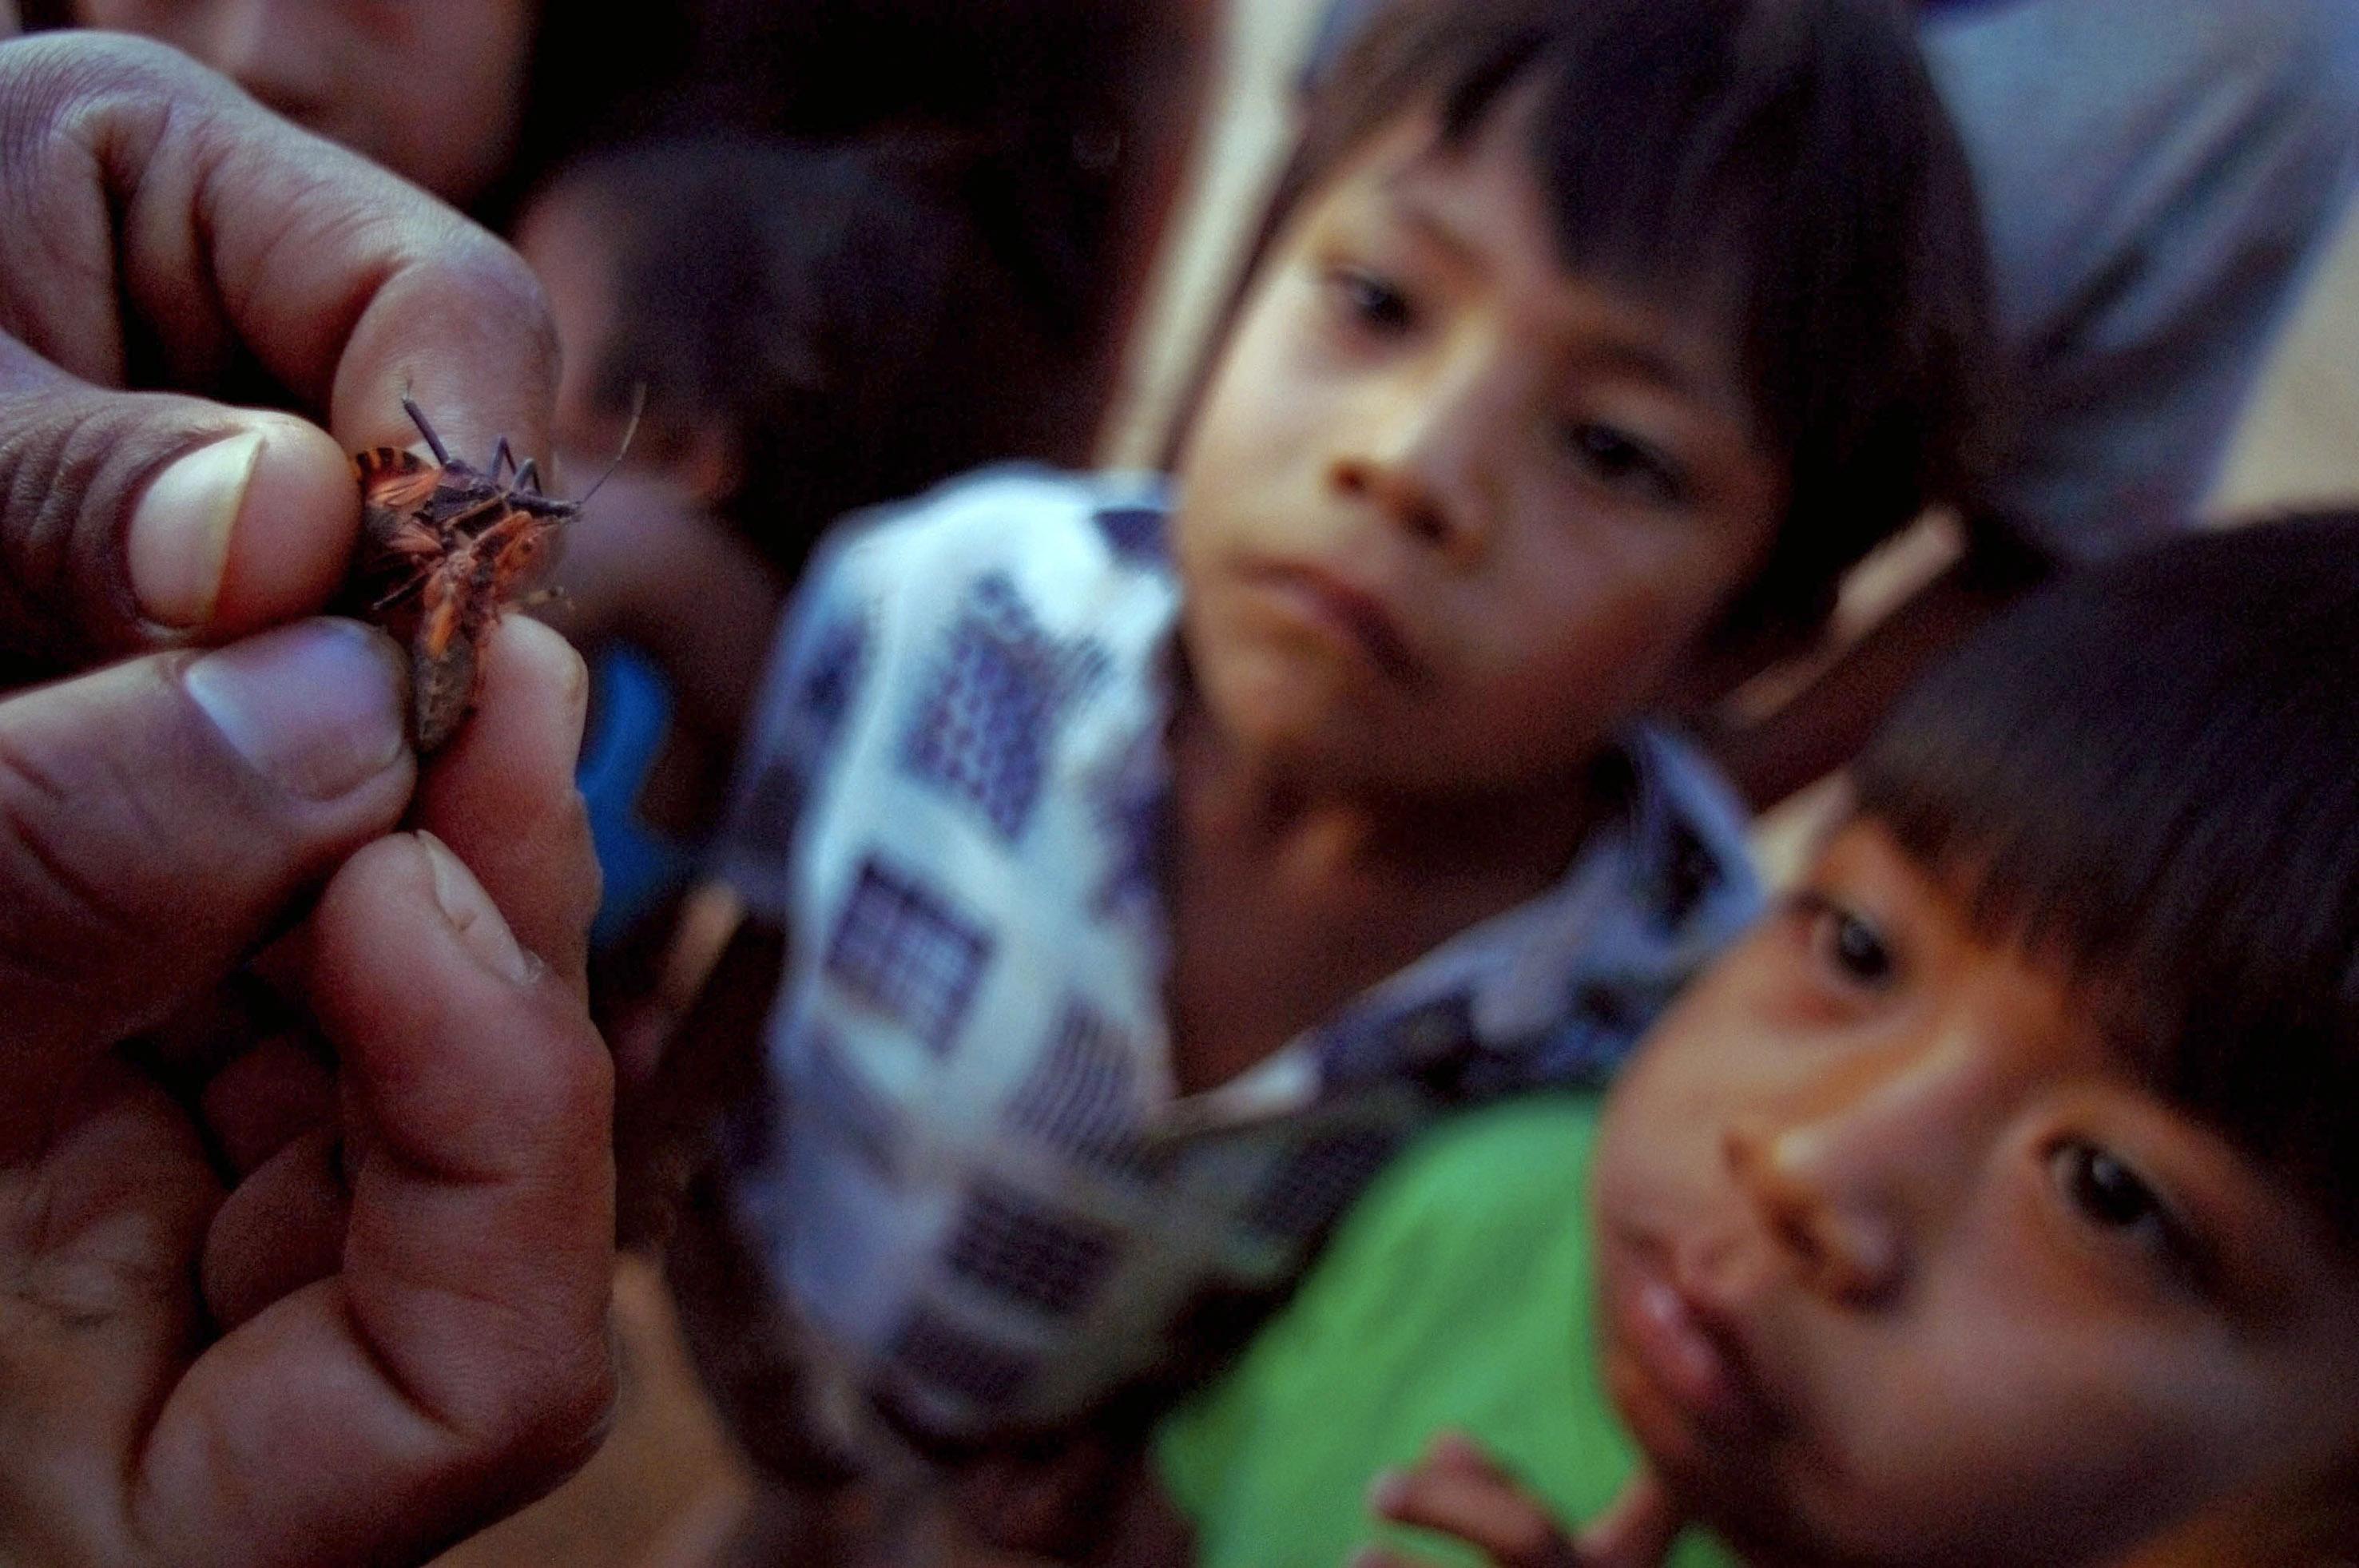 Nueva esperanza contra el mal de Chagas